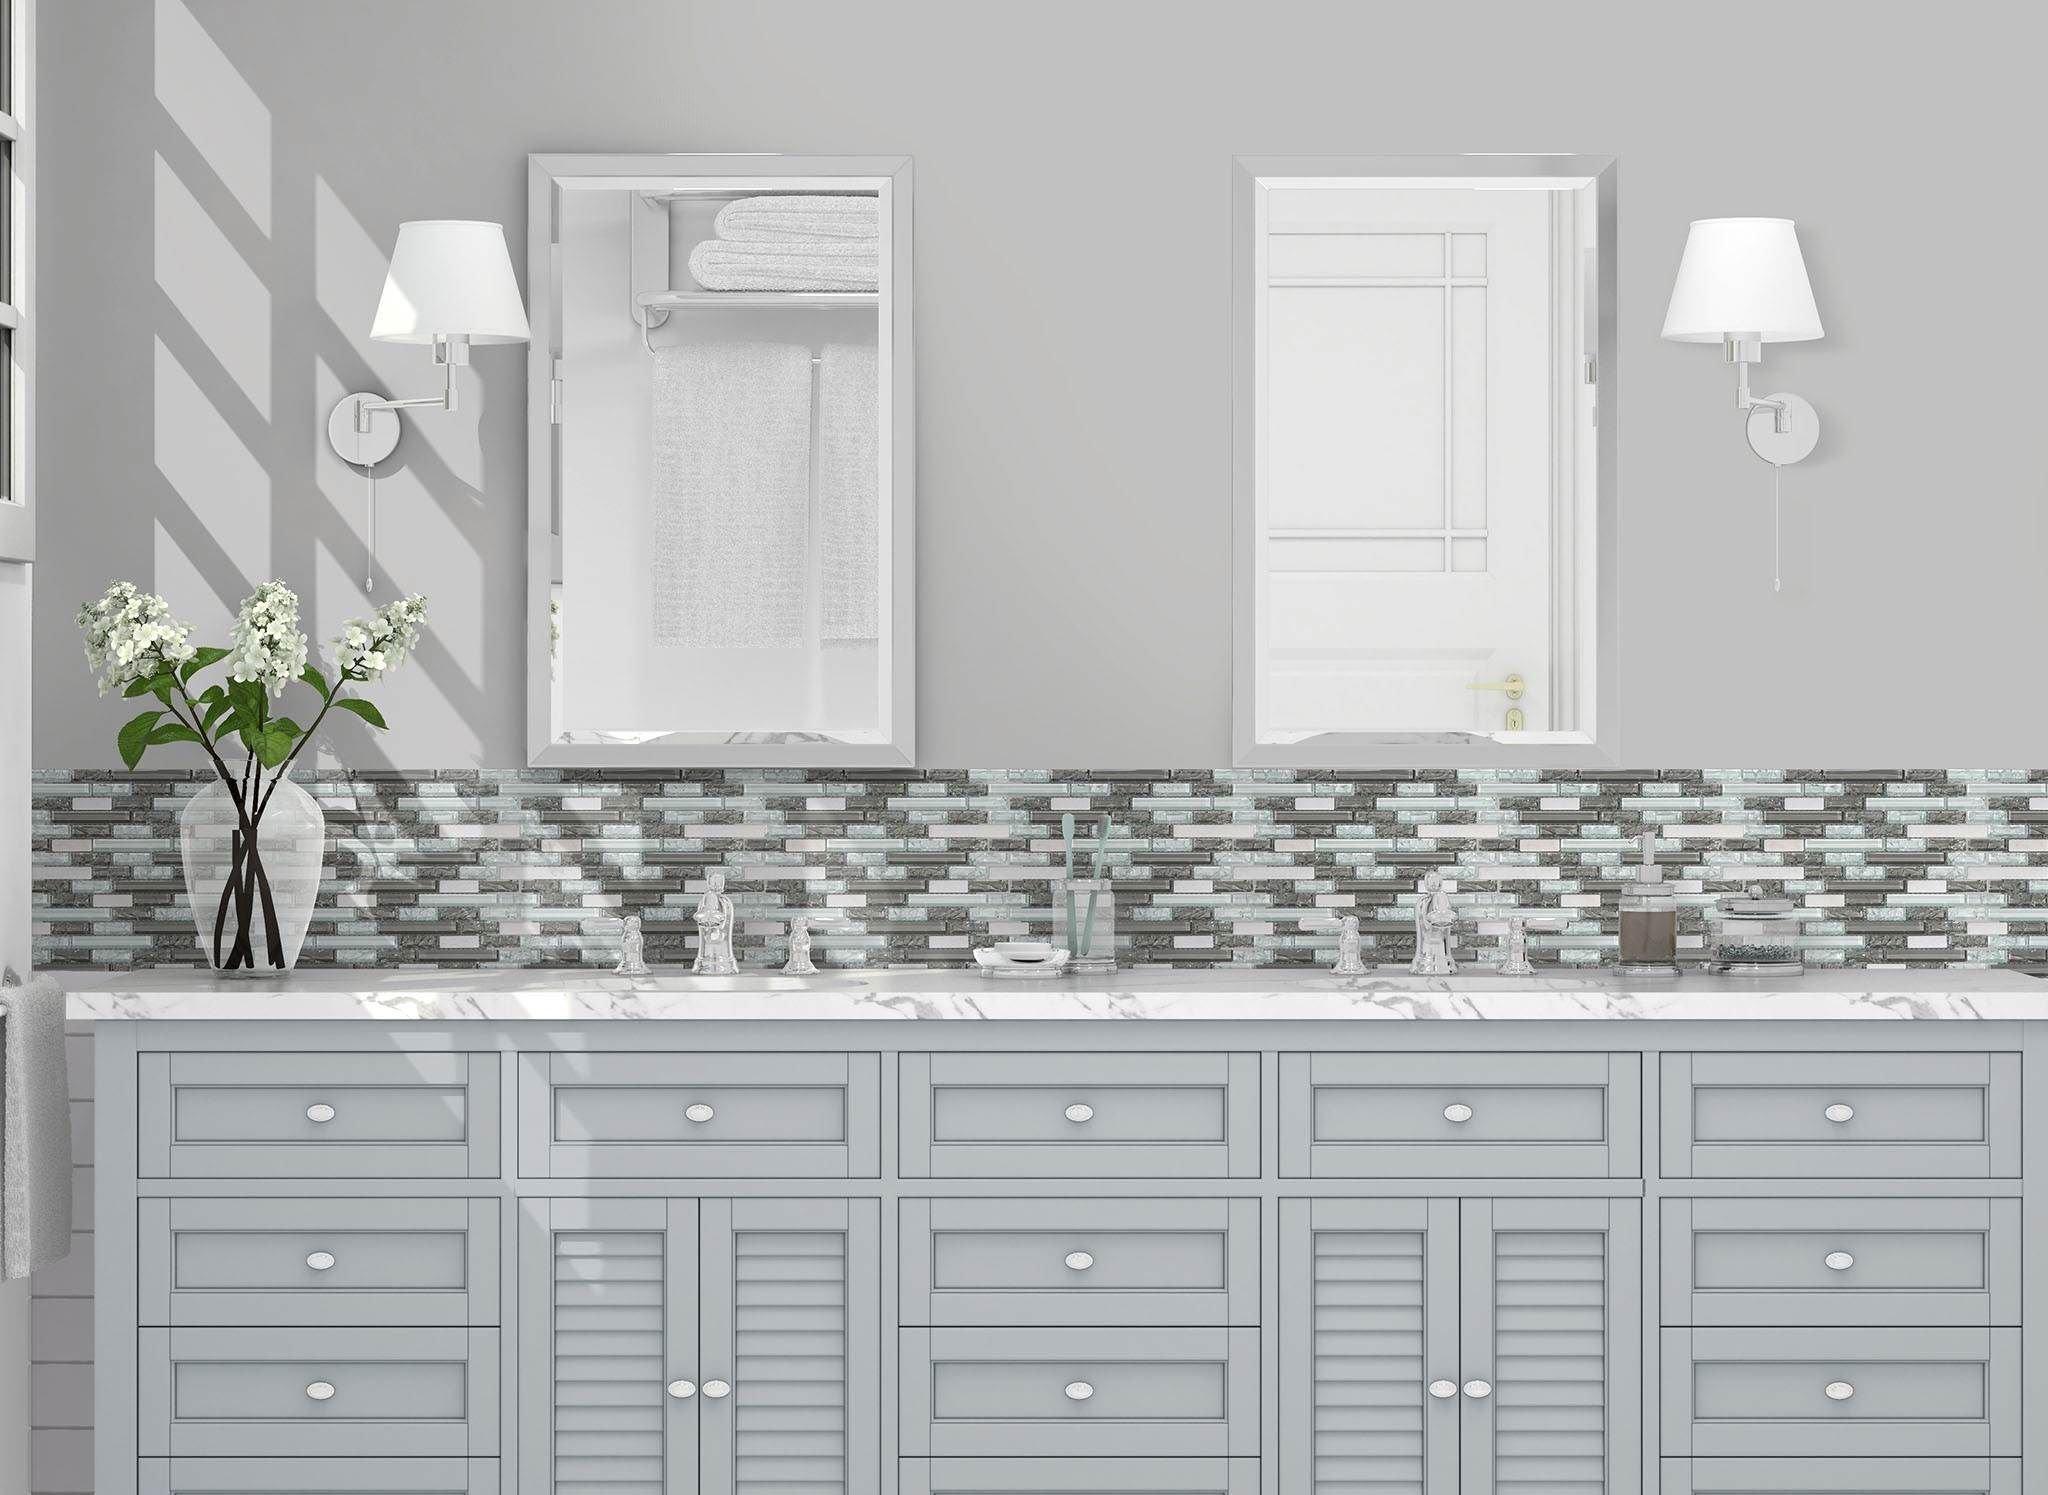 Linear Cracked Gray White Vignette